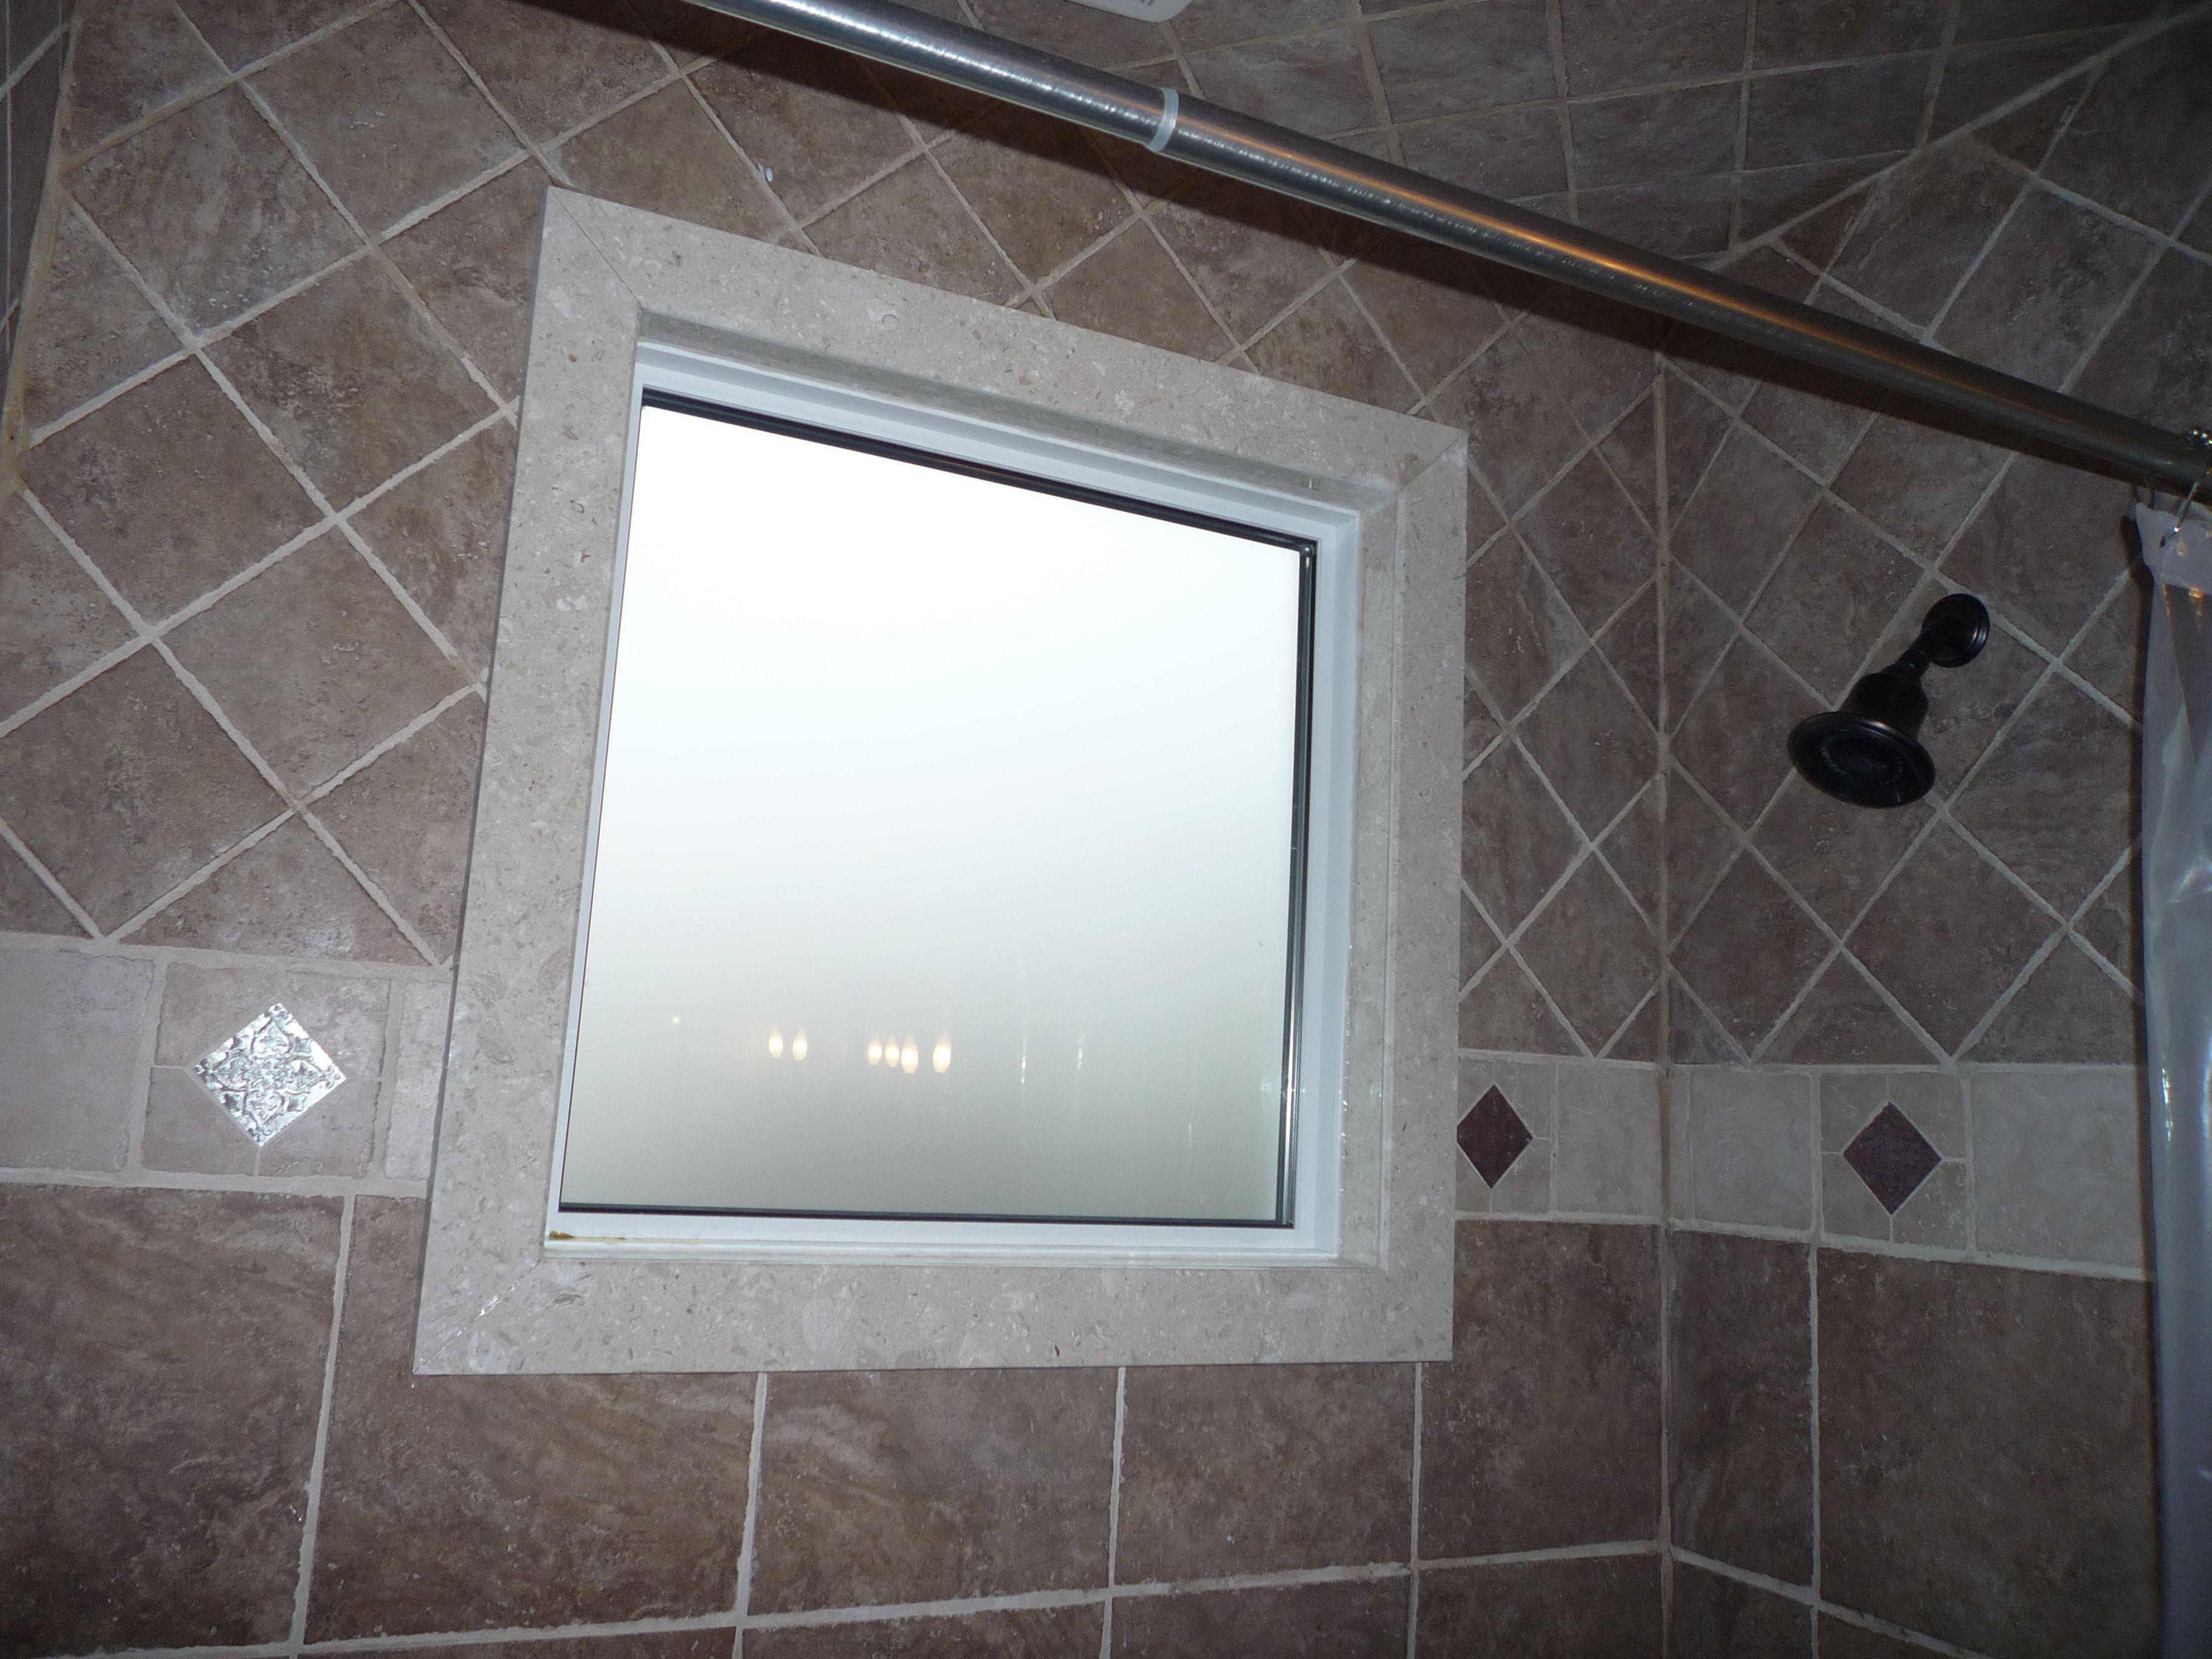 Fenetre Dans La Douche Window In Shower Modern Bathroom Shower